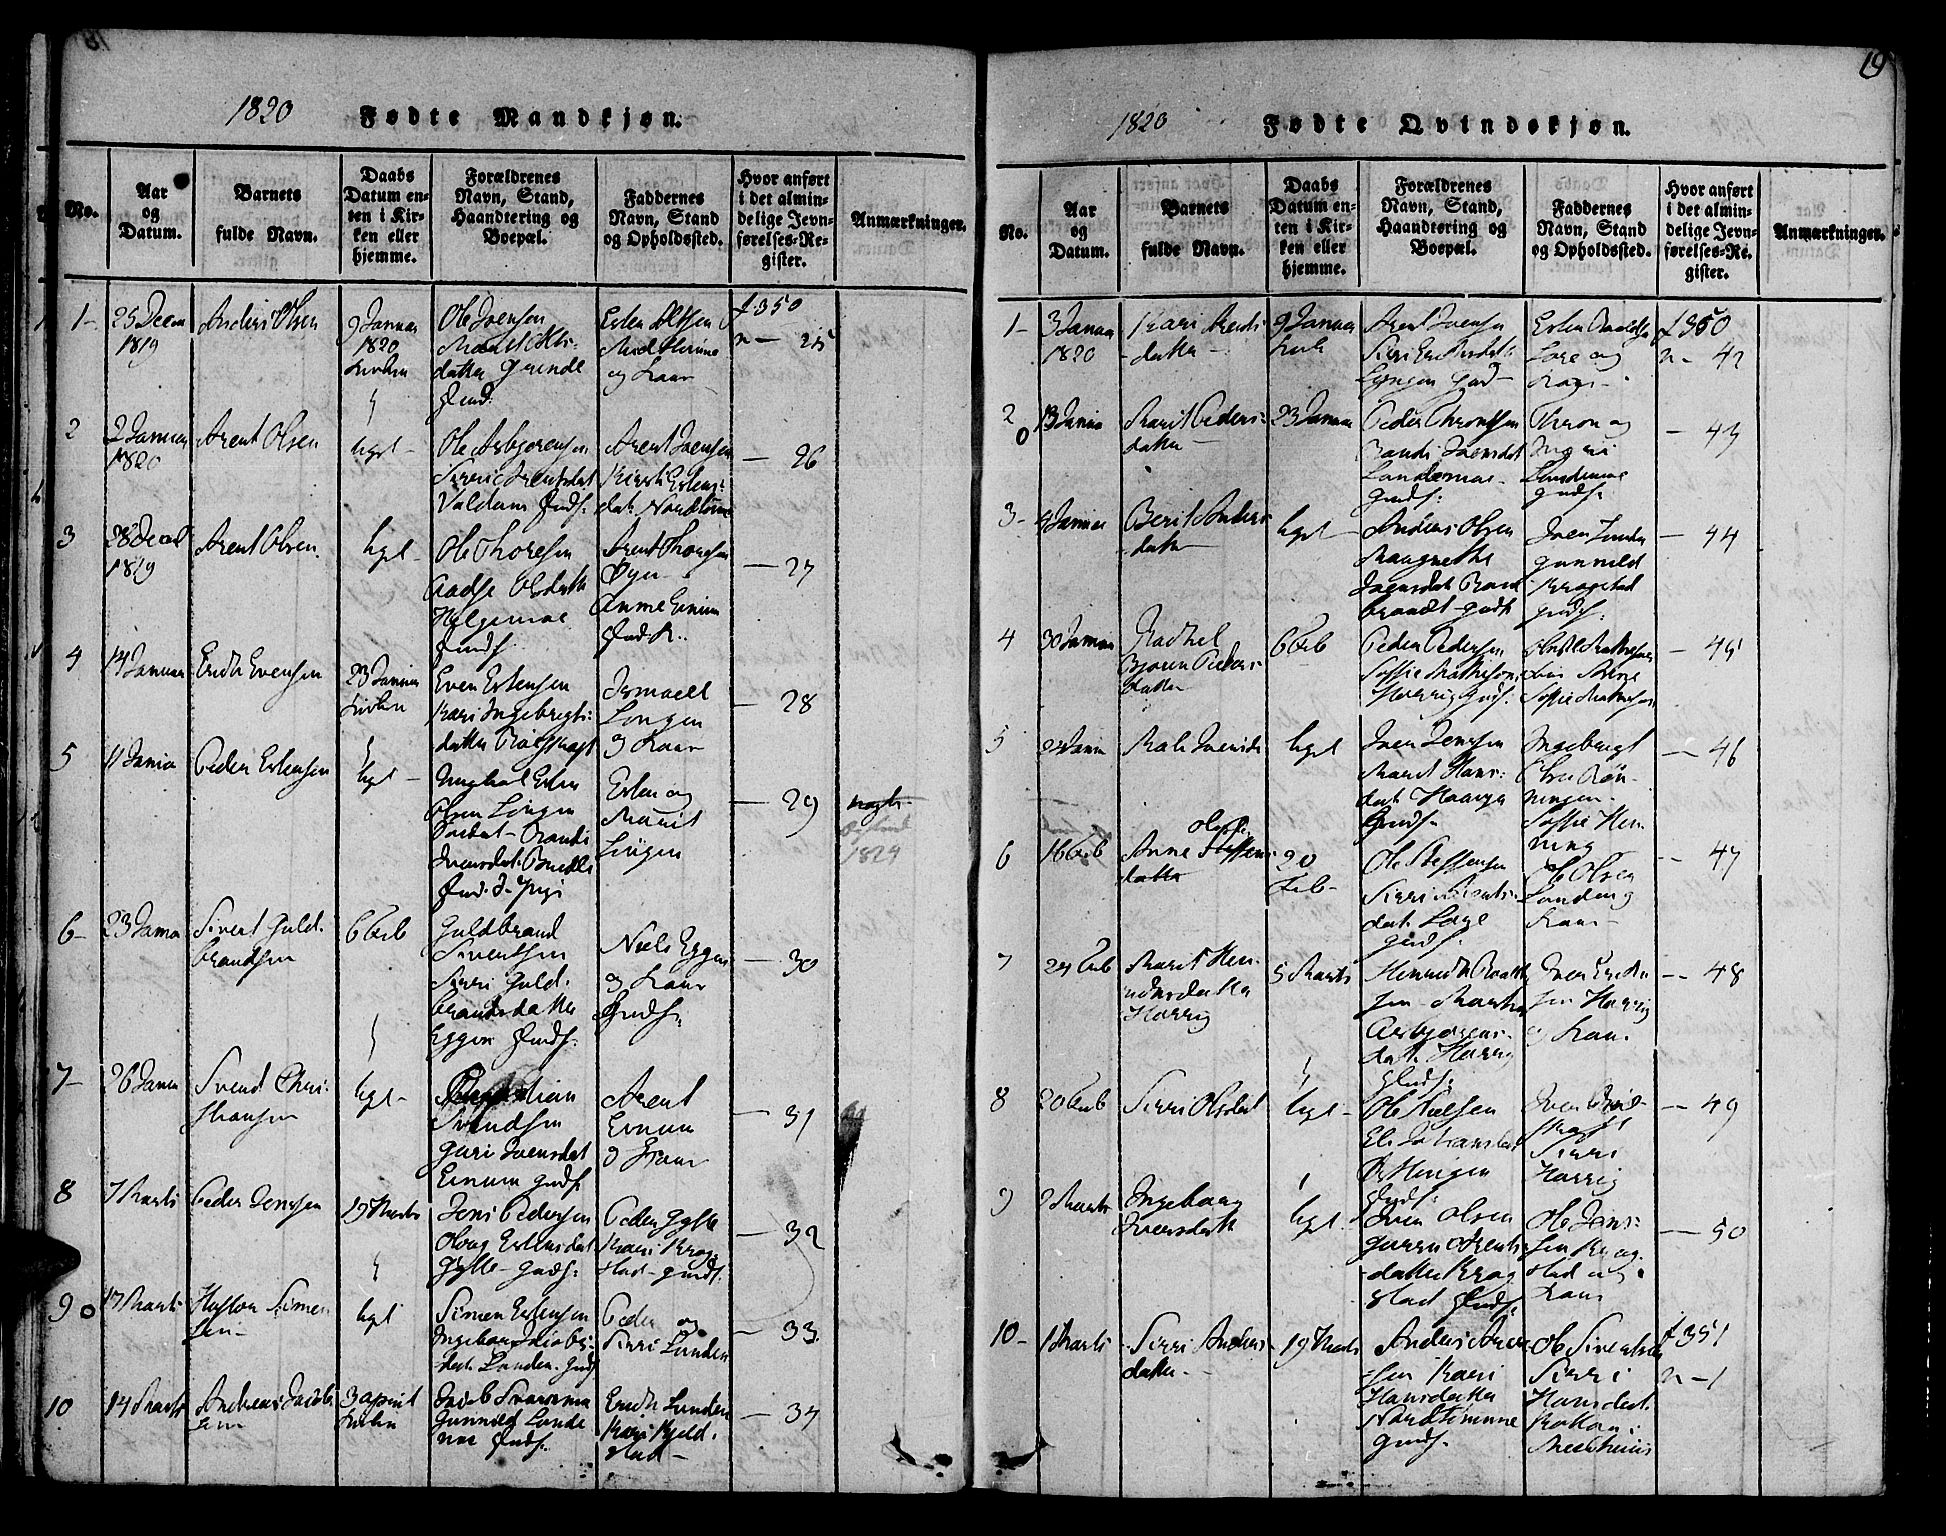 SAT, Ministerialprotokoller, klokkerbøker og fødselsregistre - Sør-Trøndelag, 692/L1102: Ministerialbok nr. 692A02, 1816-1842, s. 19